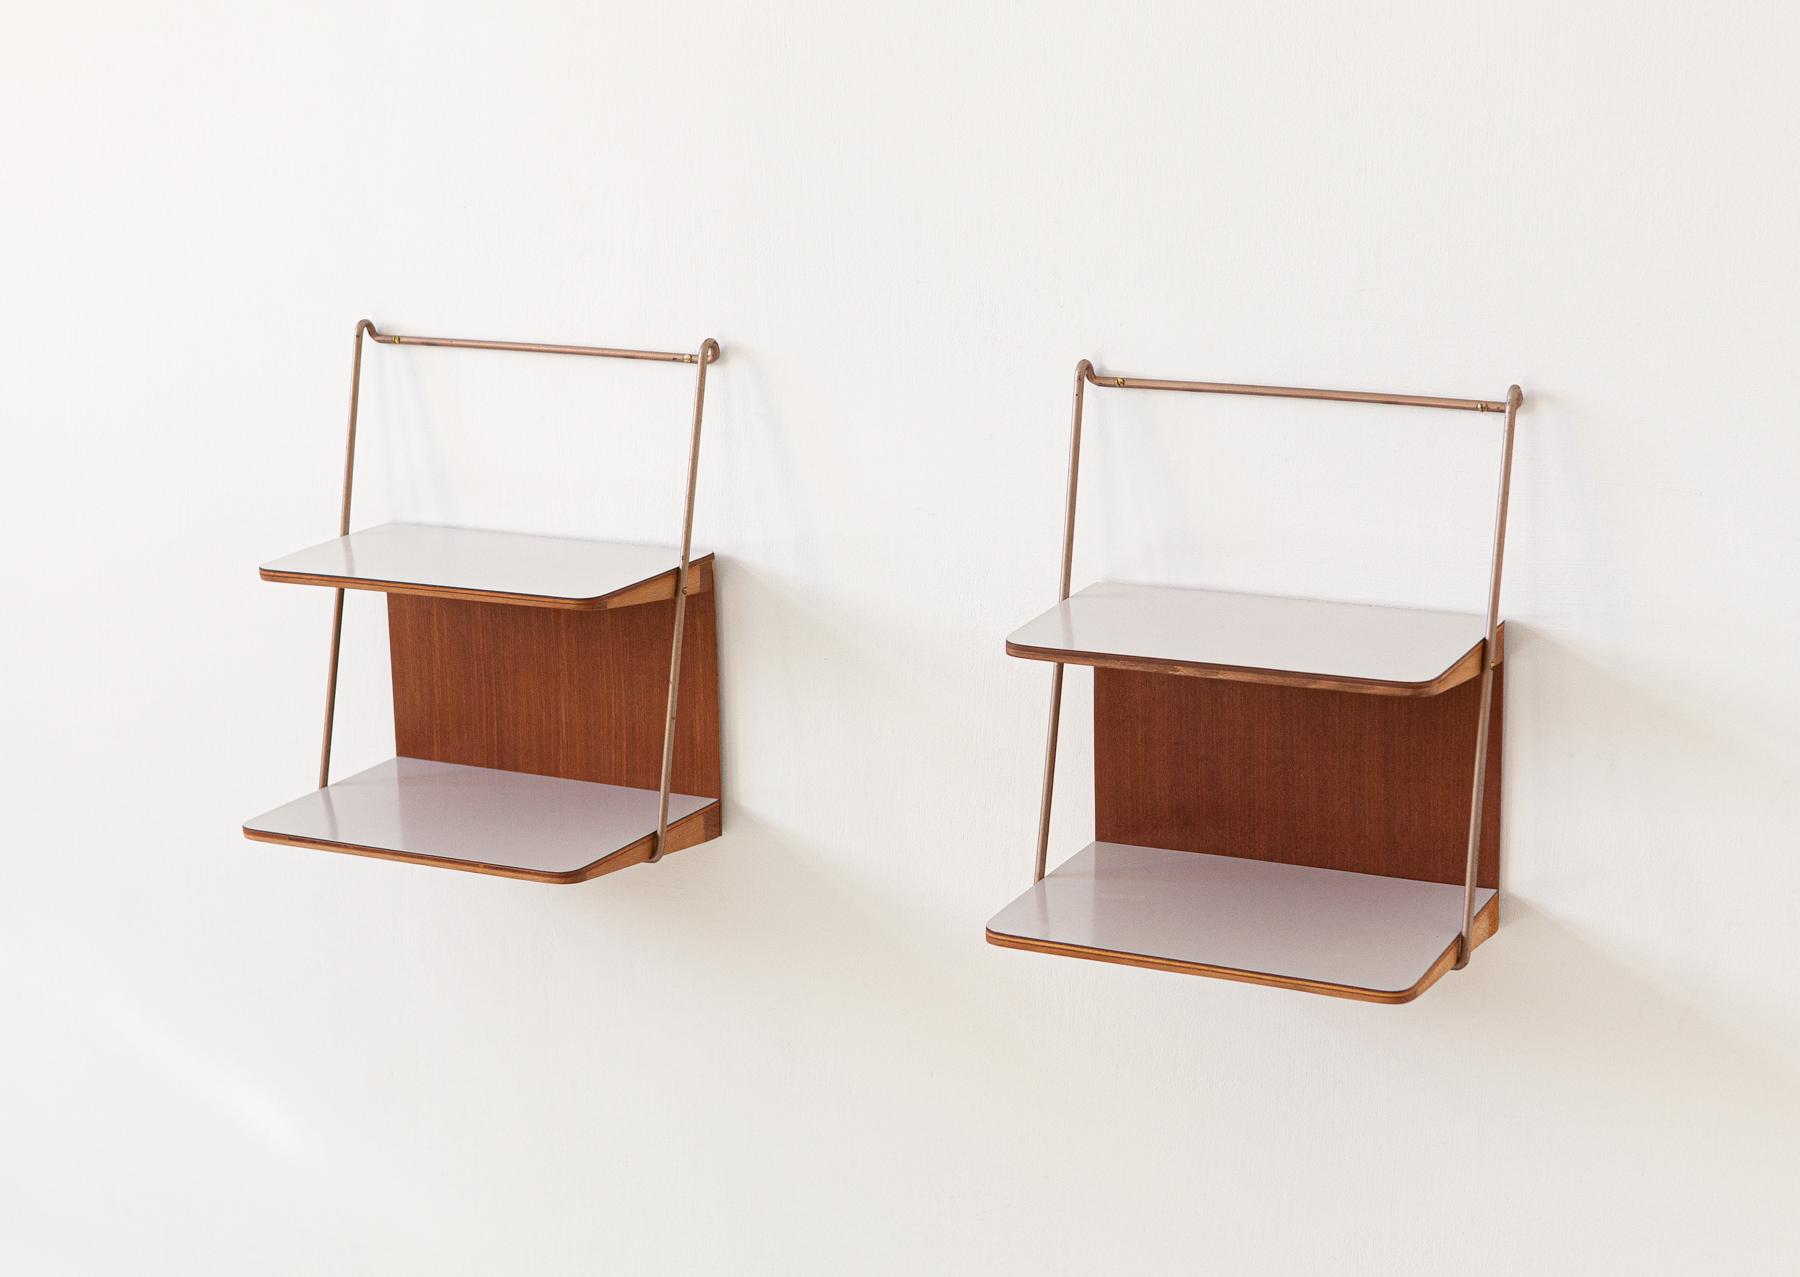 1950s-wall-mounted-teak-nighstands-2-bt86